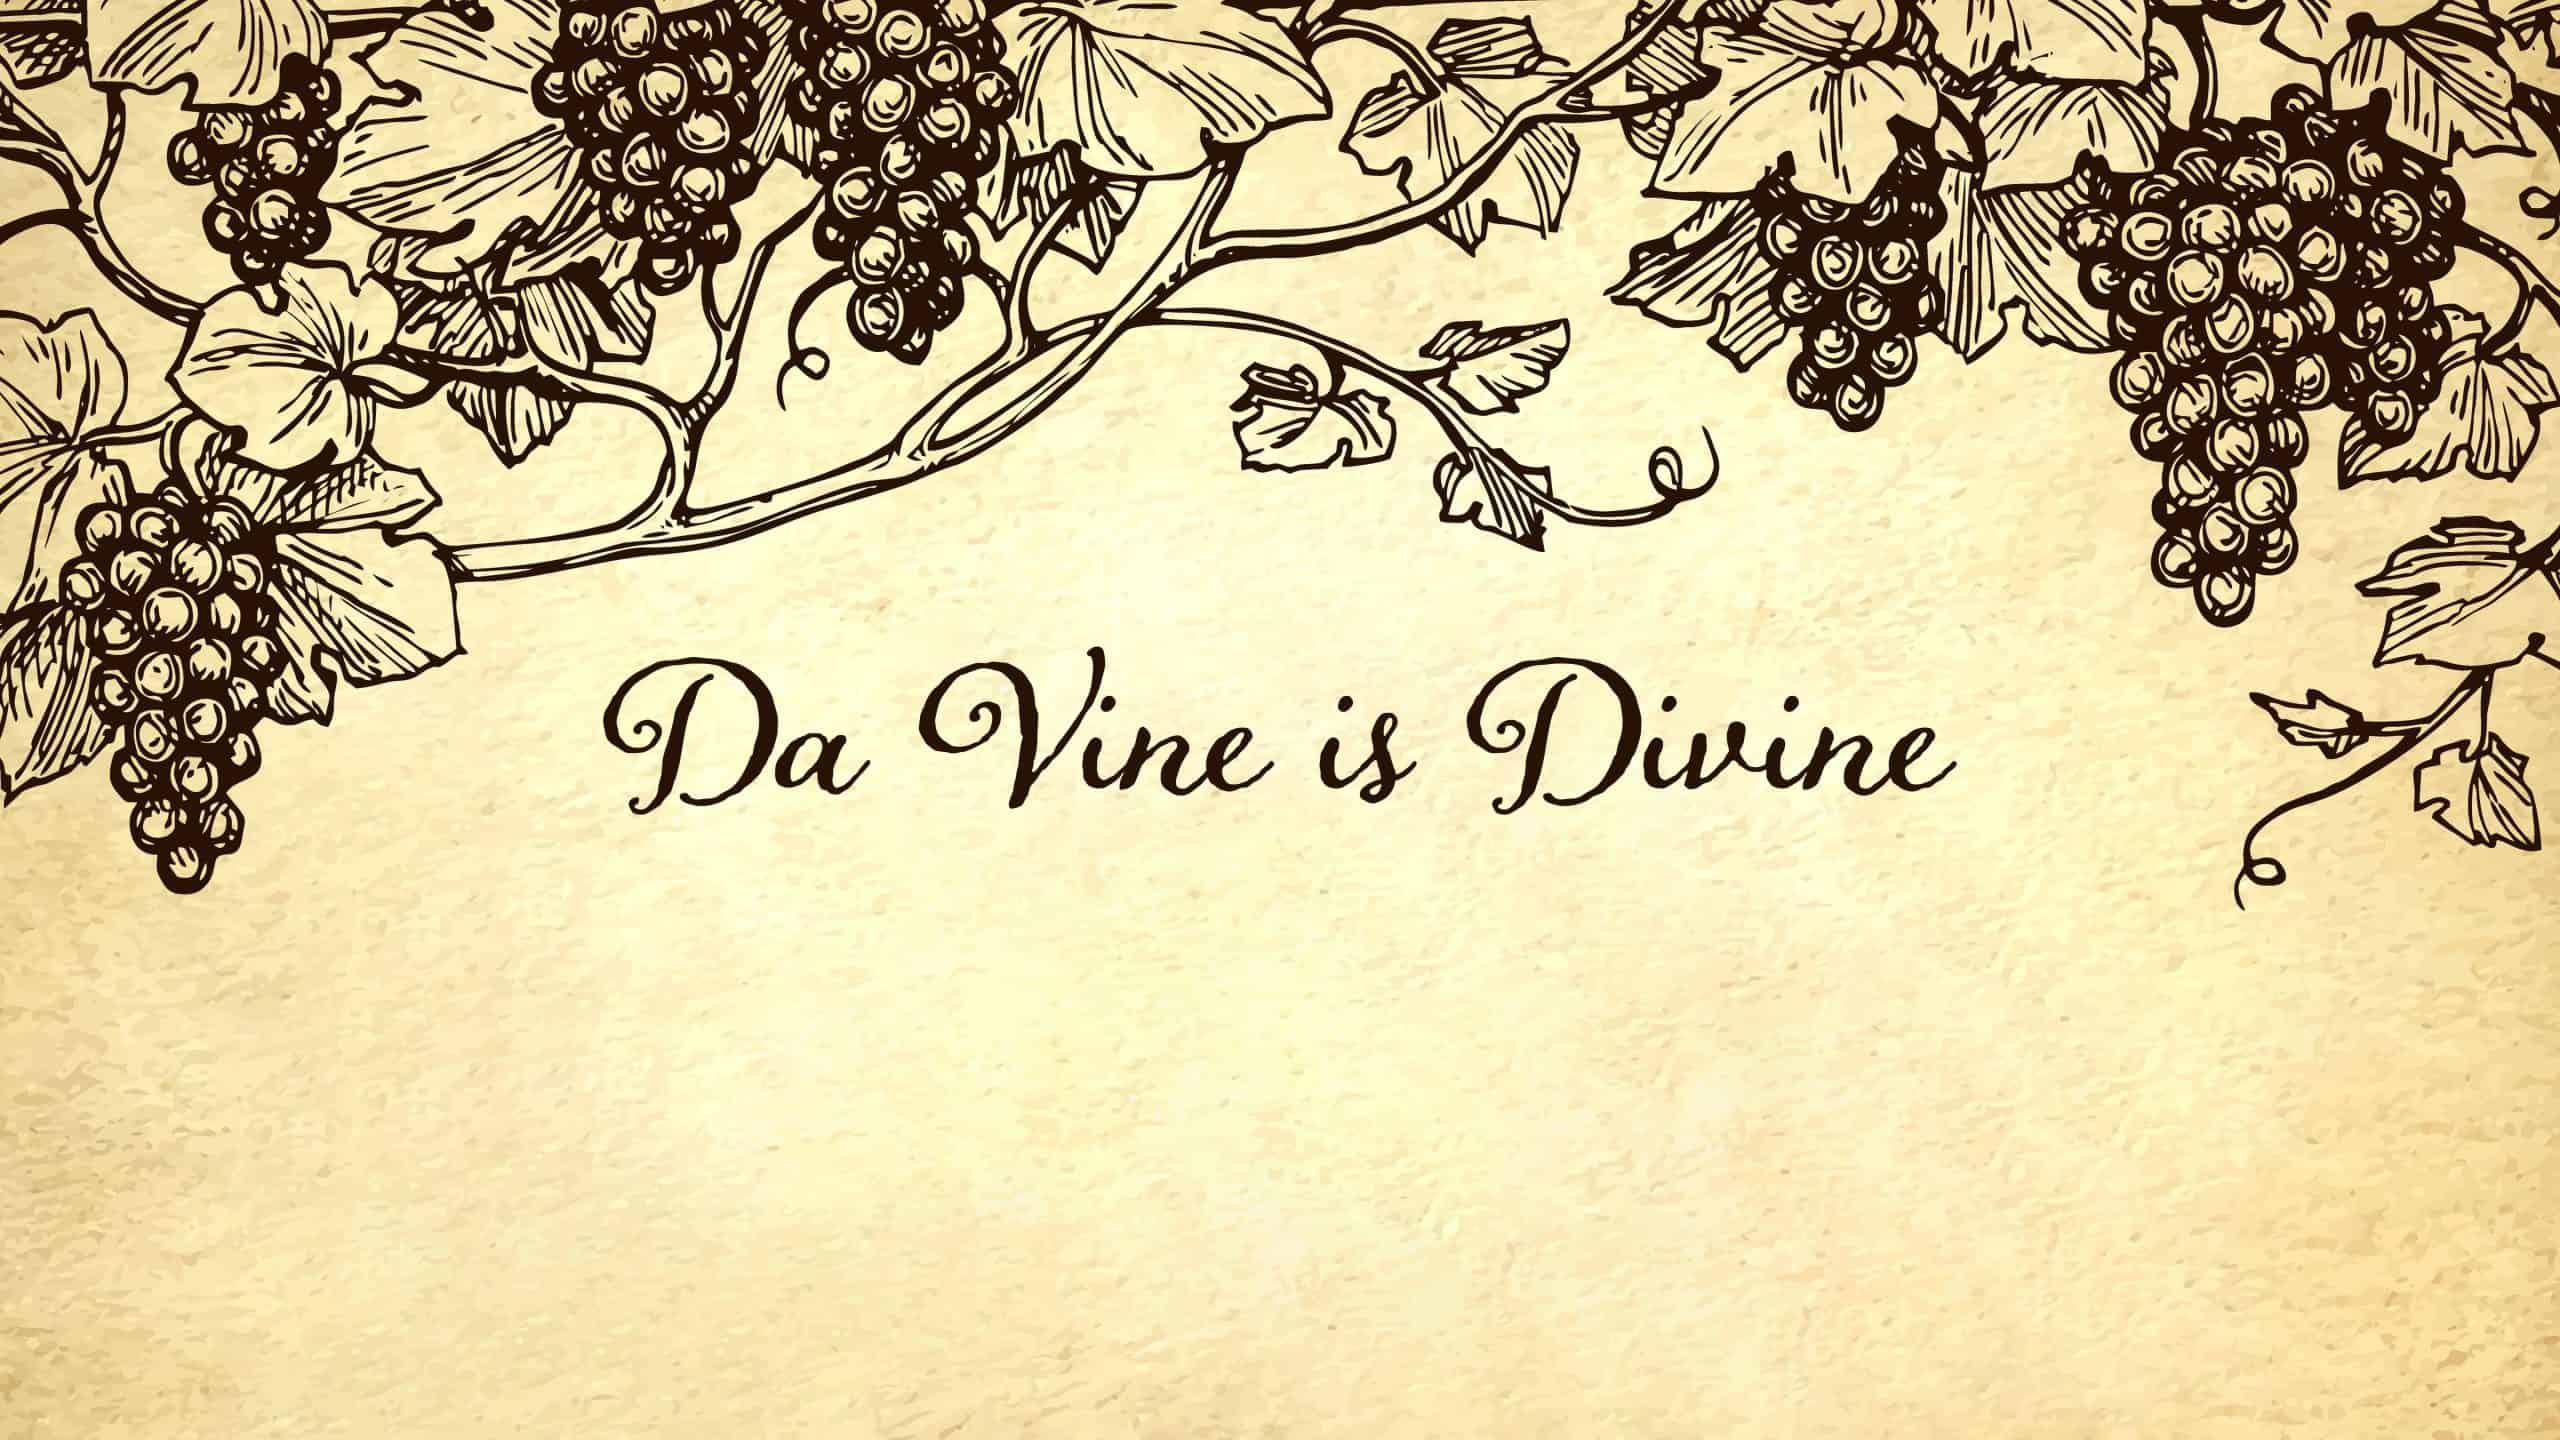 Da Vine is Divine